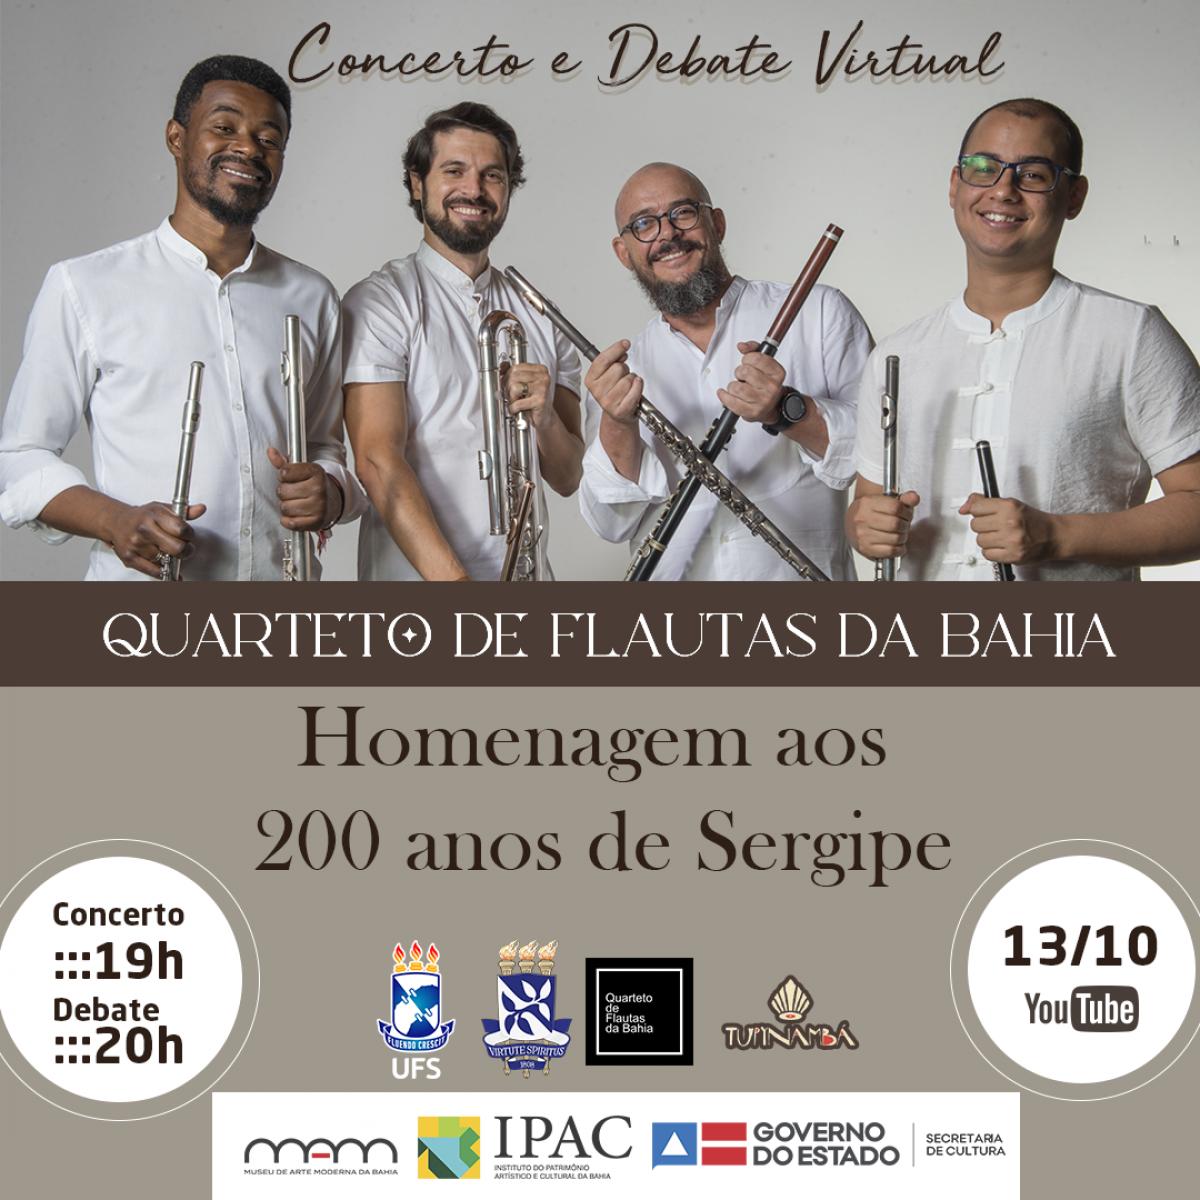 Quarteto de Flautas da Bahia, em parceria com UFS e UFBA, promove concerto virtual inédito em homenagem aos 200 anos de Sergipe (Imagem: Divulgação)